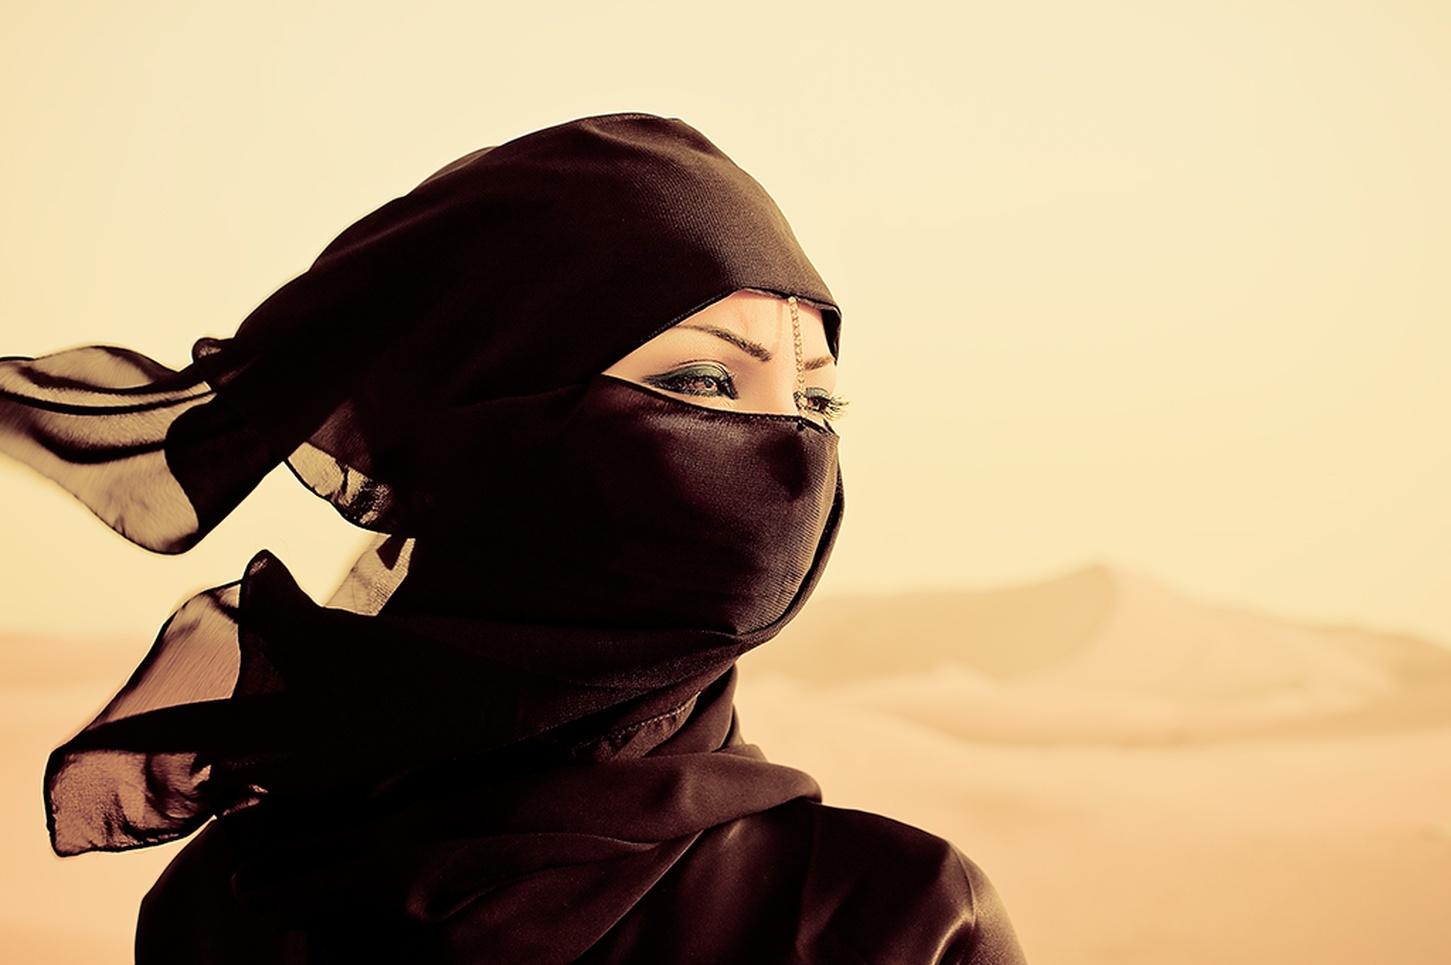 Dubai Woman Graphis